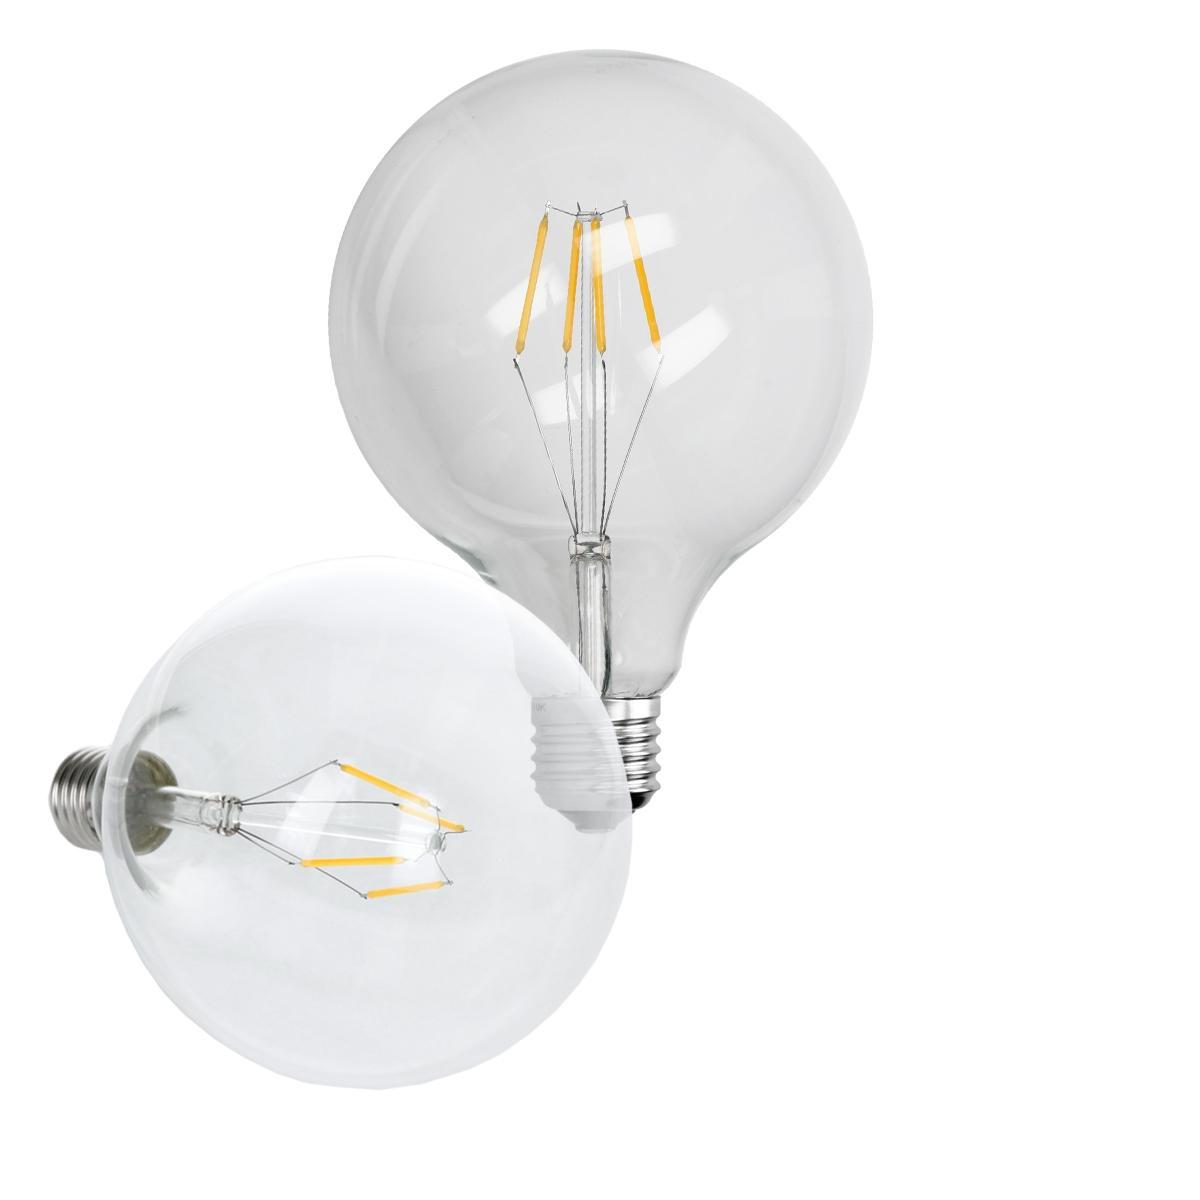 Ecd Germany 6 x ampoule LED à gros filament E27 4W 125 mm blanc chaud